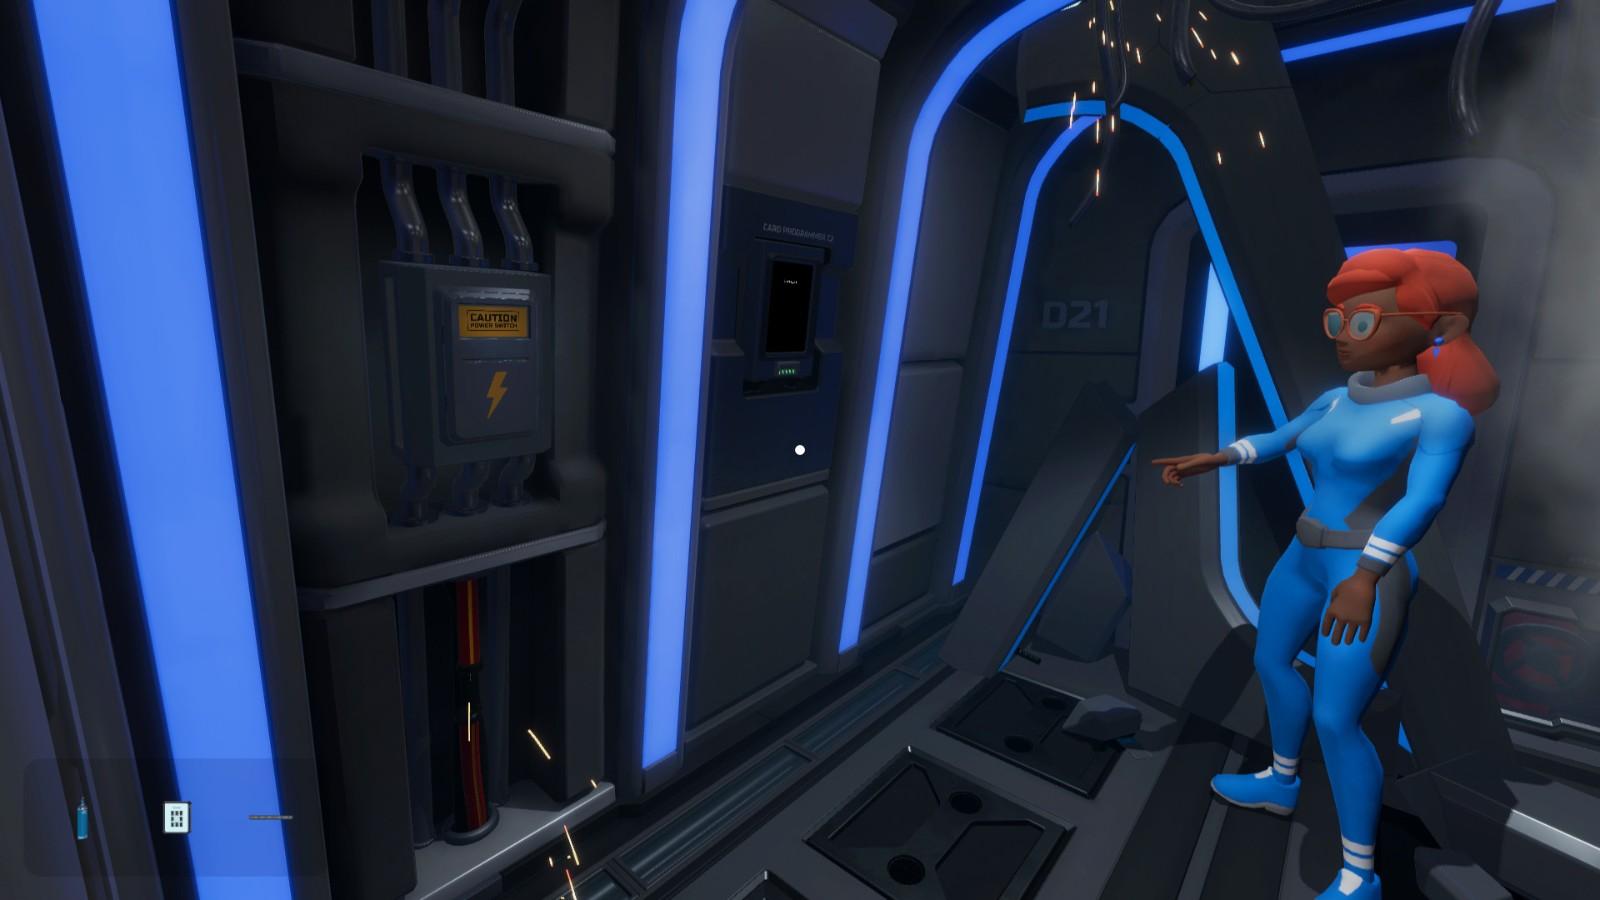 《逃生模拟器》10月20日发售 不一样的逃脱体验